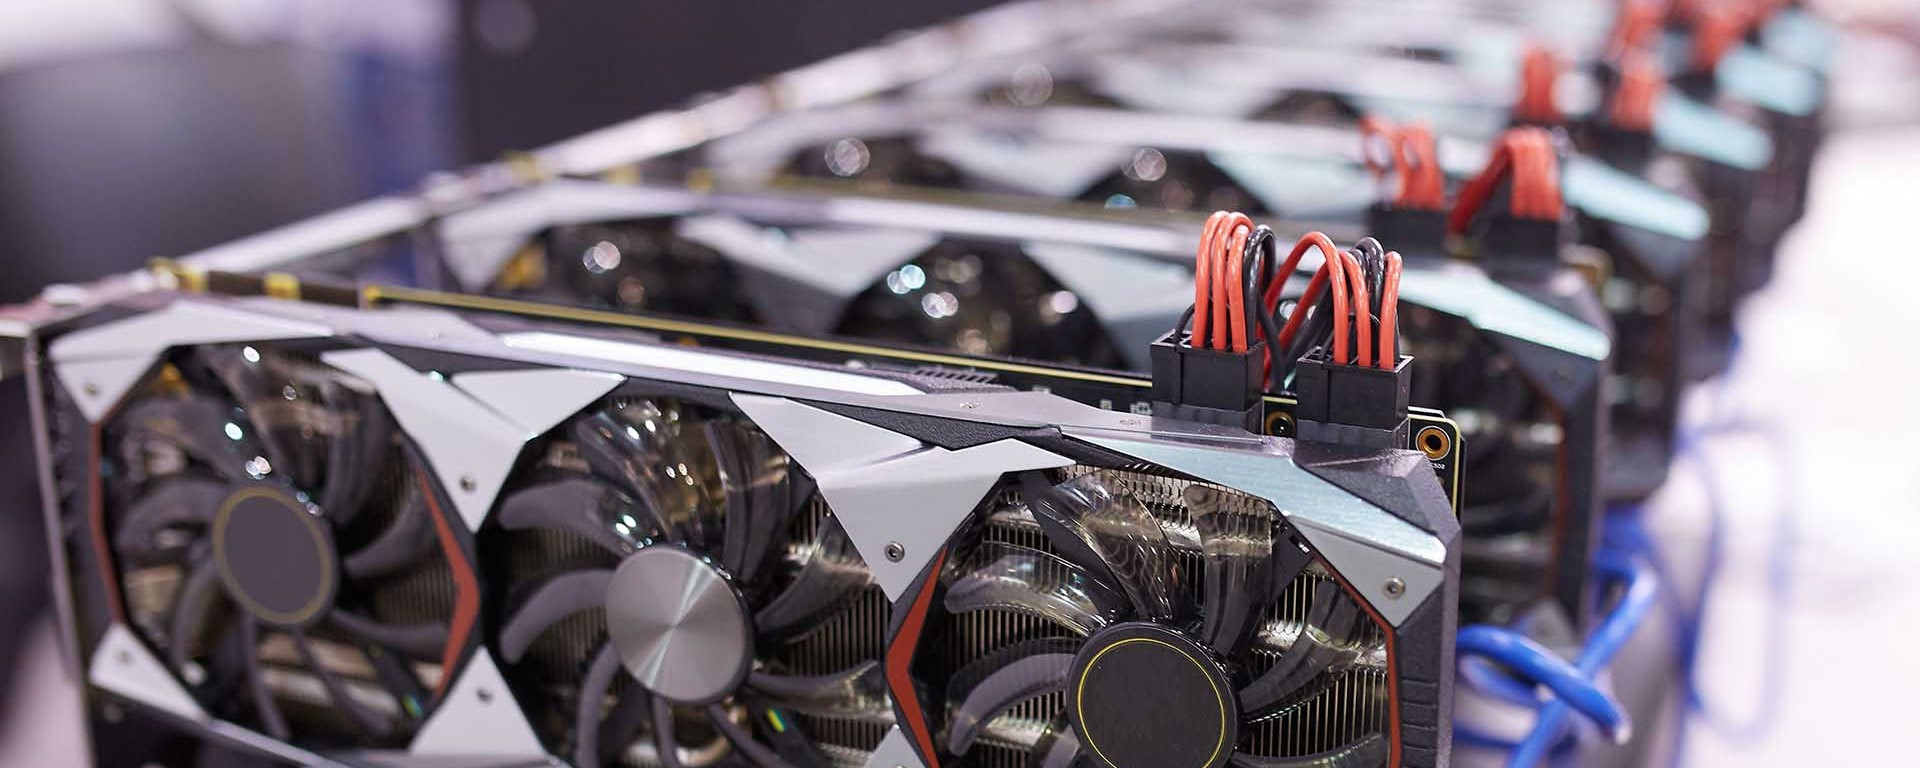 Успешно взломан аппаратный запрет на майнинг криптовалют на видеокартах Nvidia